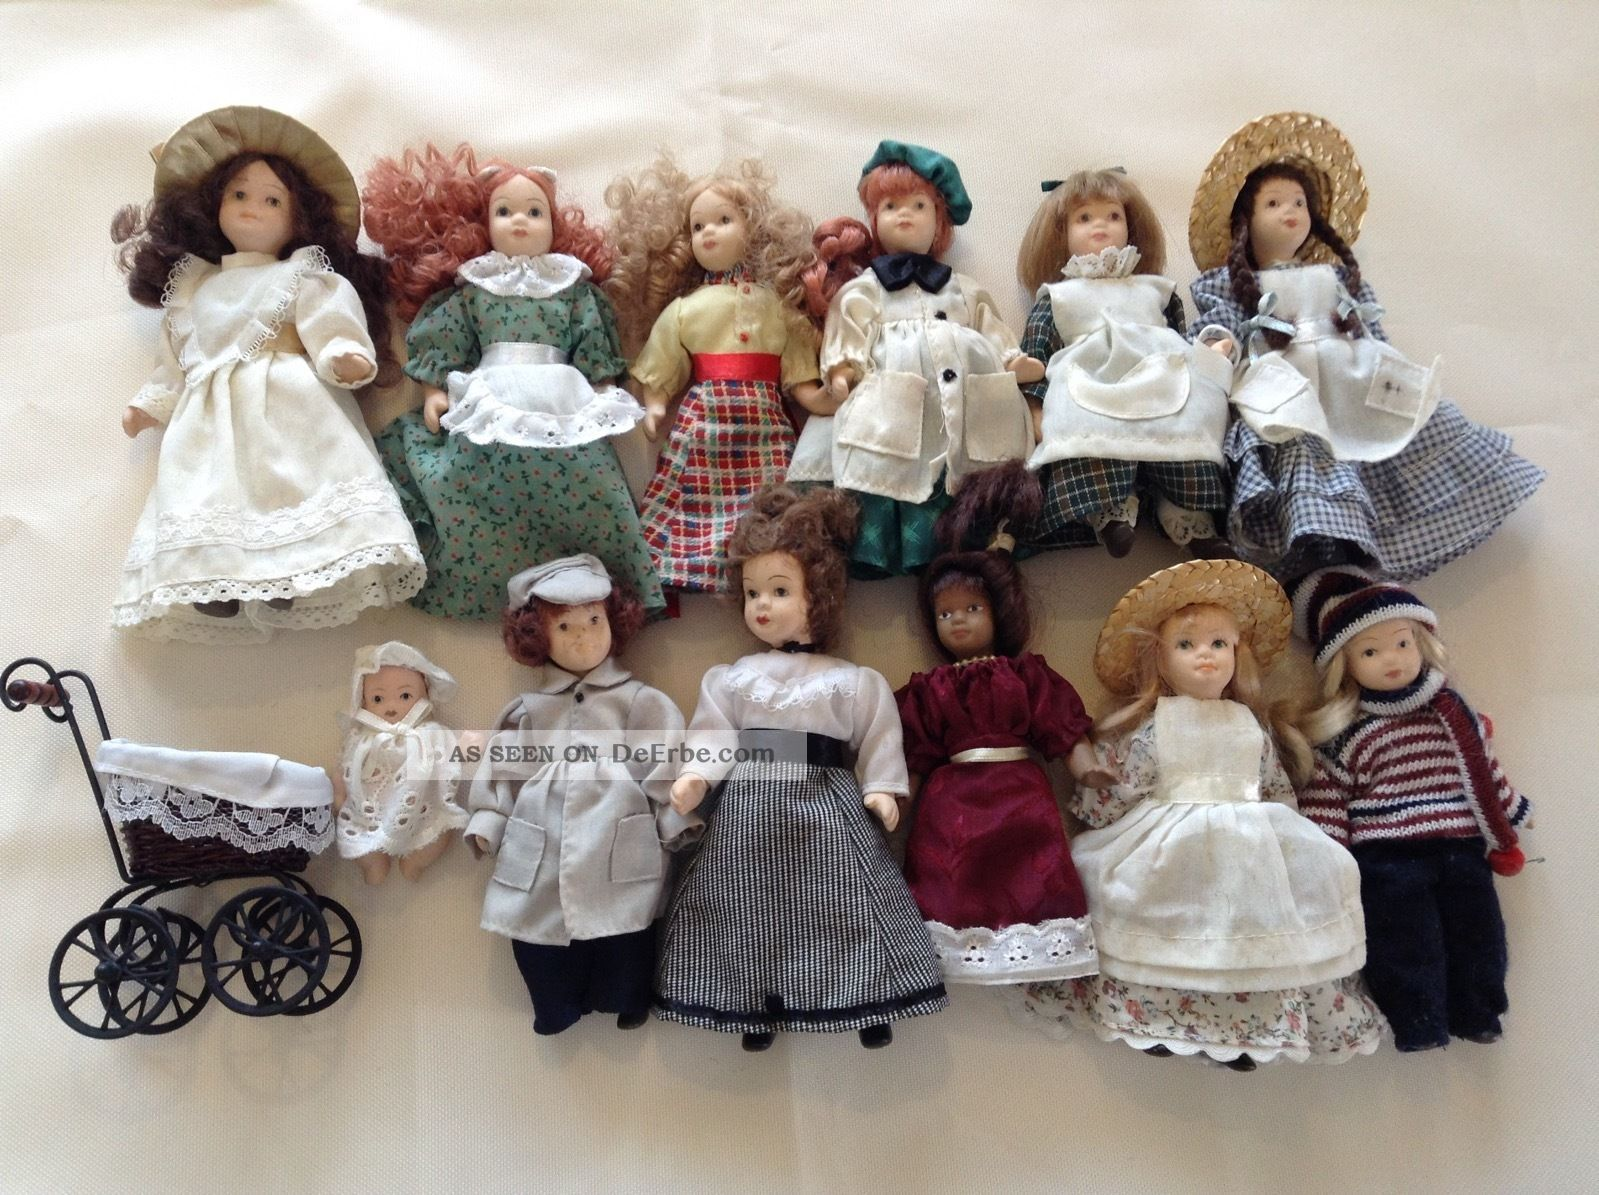 Rar De Agostini Porzellan Puppe Sammlung 11 Puppen 1 Baby Kinderwagen Porzellankopfpuppen Bild